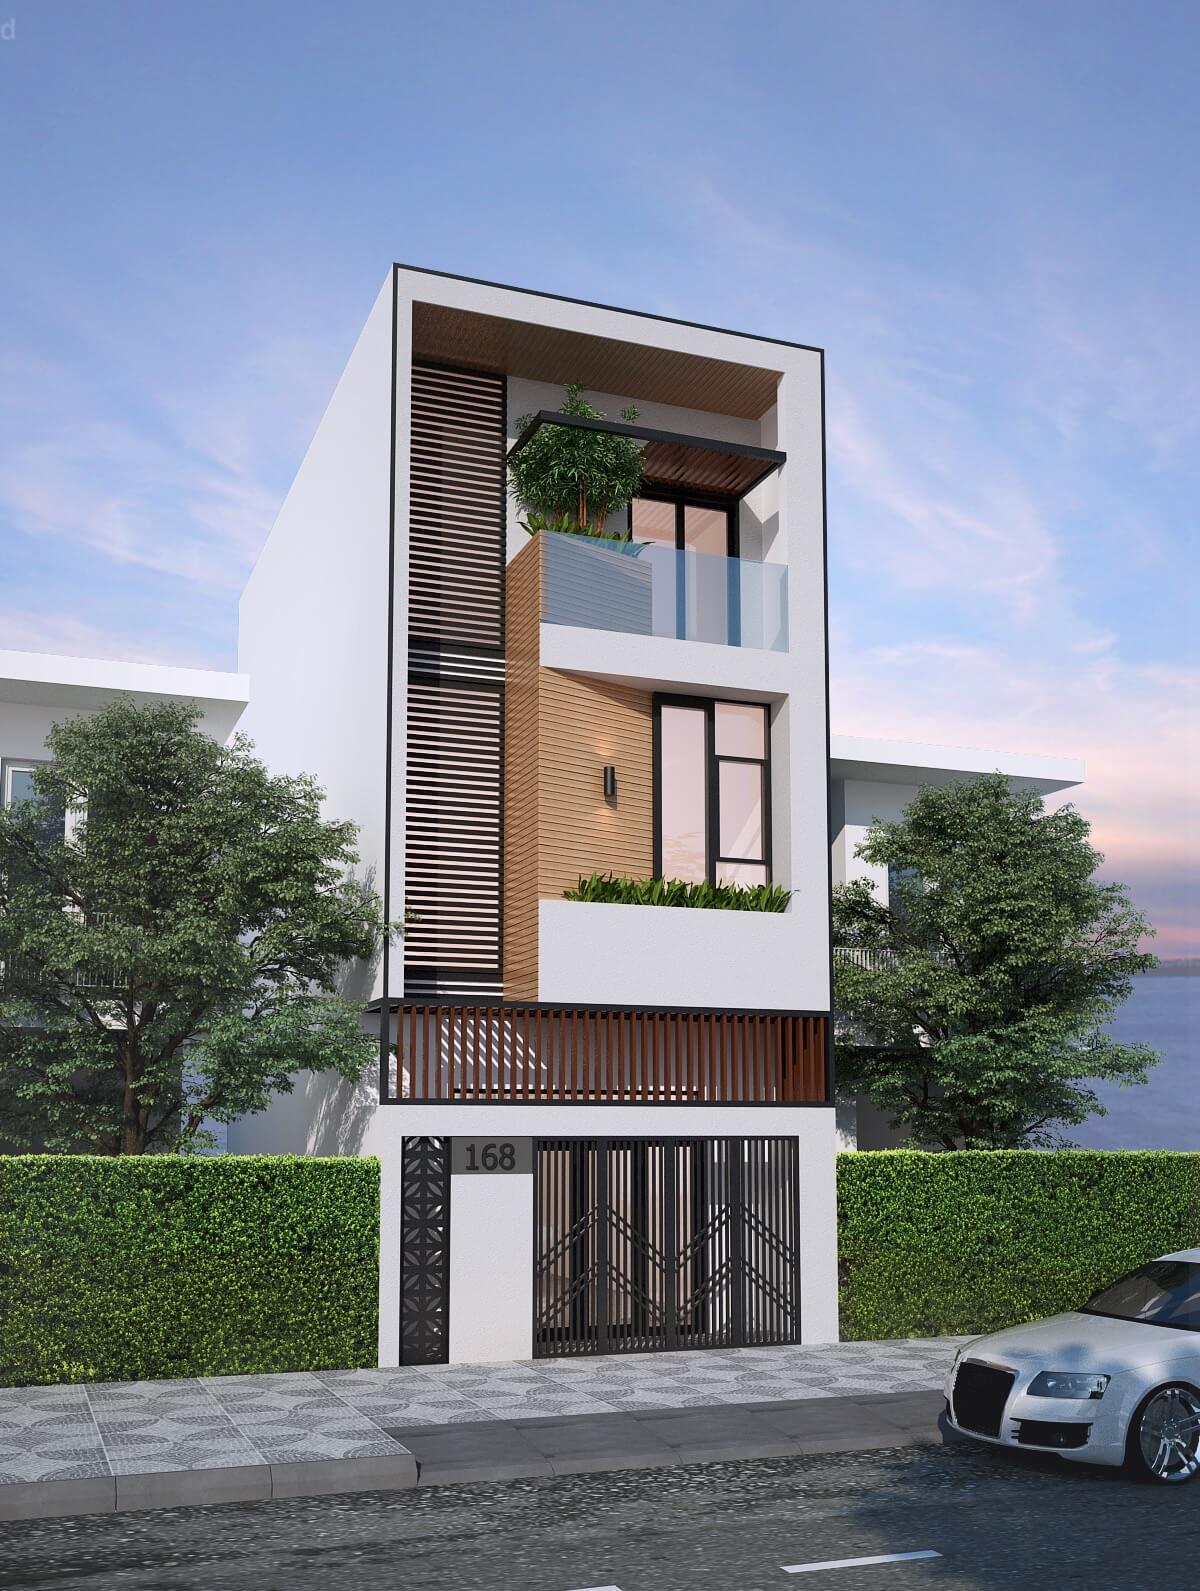 thiết kế mẫu nhà phố 3 tầng hiện đại gần gũi với thiên nhiên 5